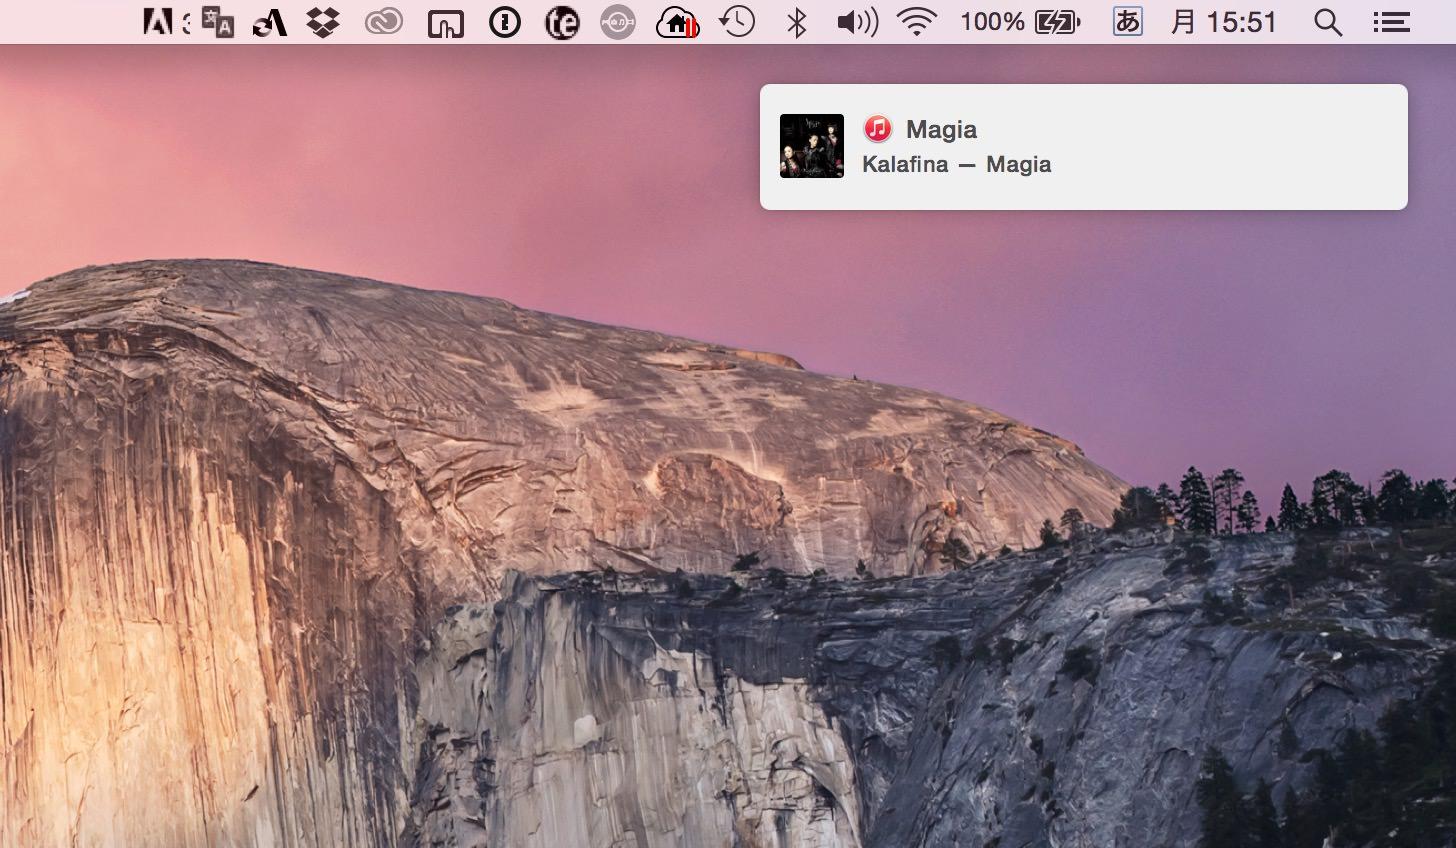 【Mac】iTunesの再生中の曲の通知を非表示(消去)にする方法。